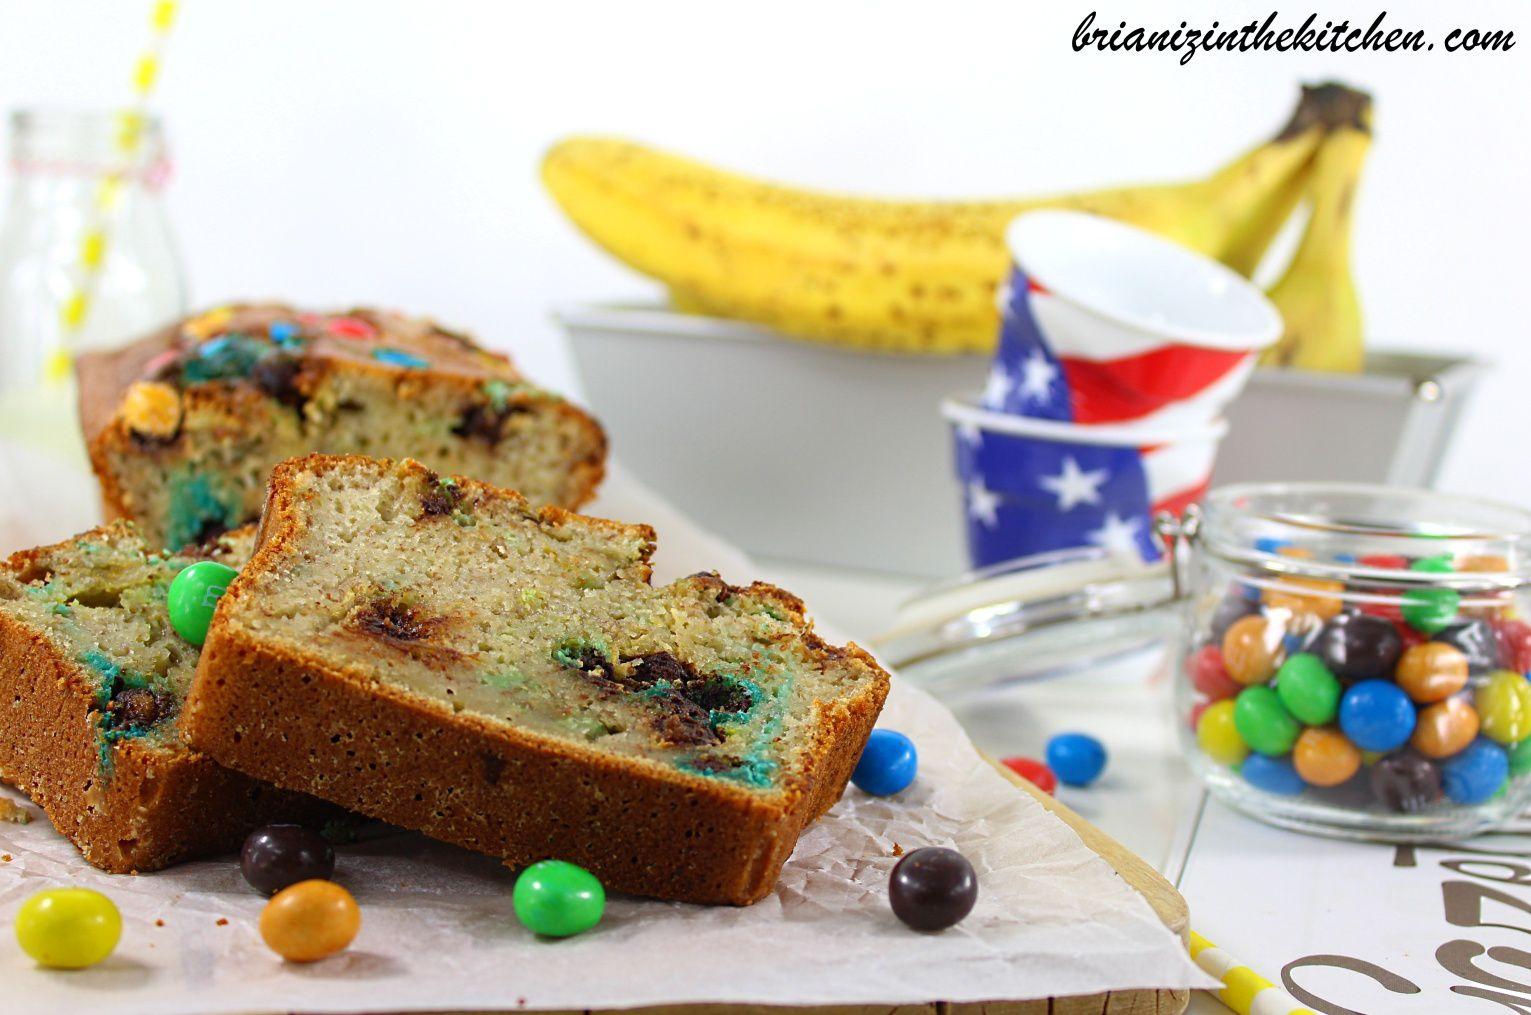 Banana Cake aux M&amp&#x3B;M's Crispy